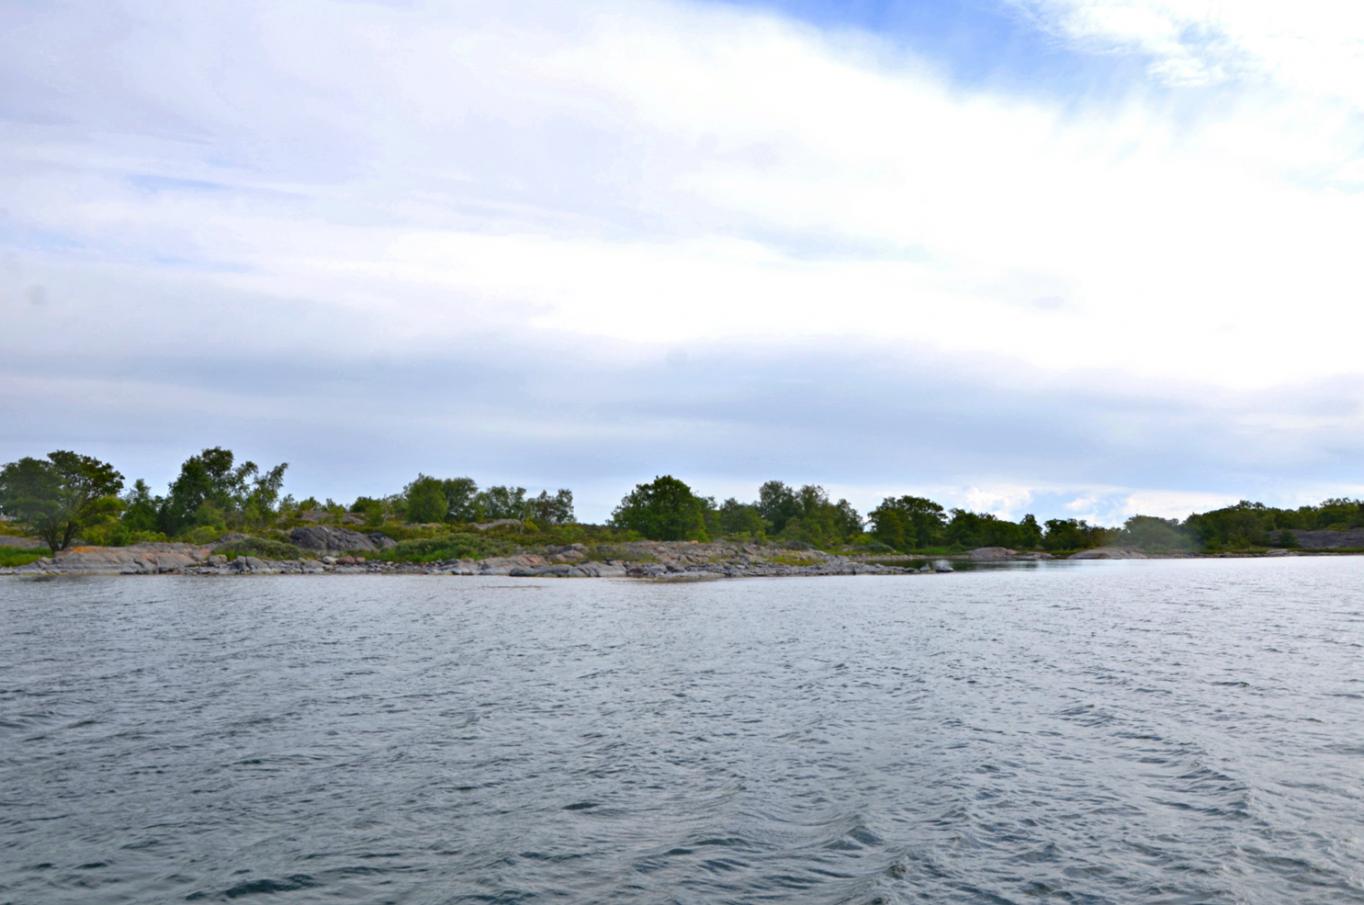 Strandområde på västra delen av holmen Räddarskär, Brändö